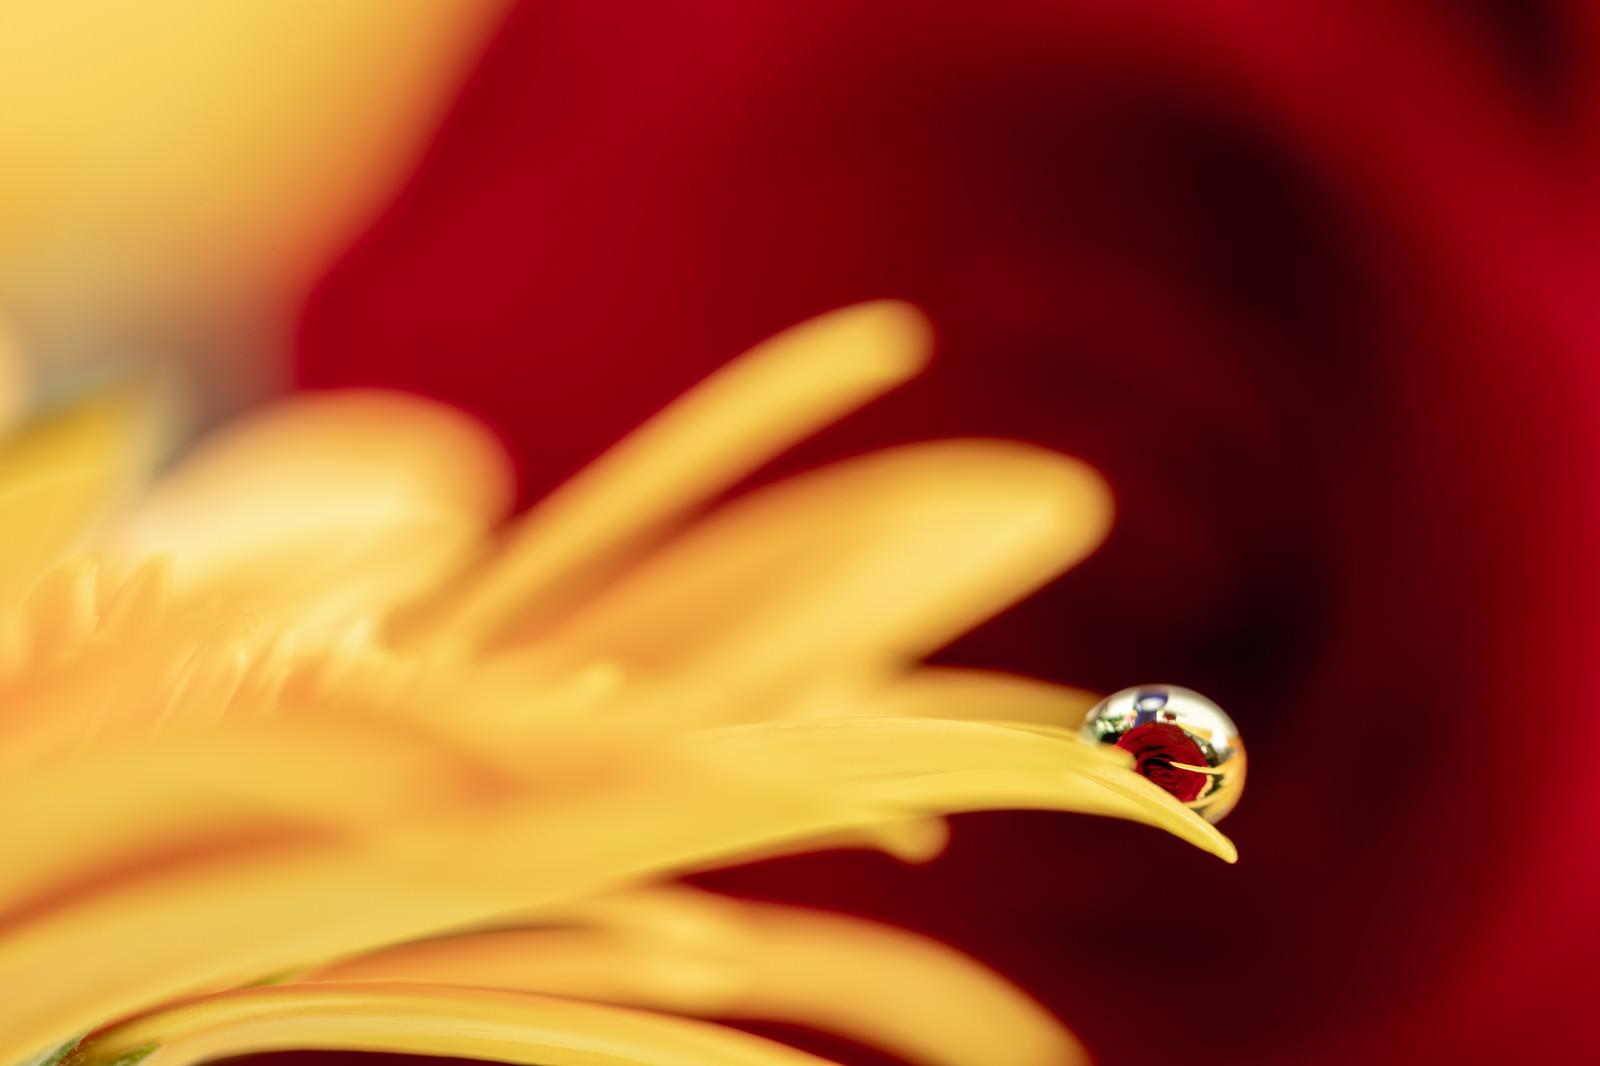 「水滴に閉じ込めた赤い薔薇」の写真